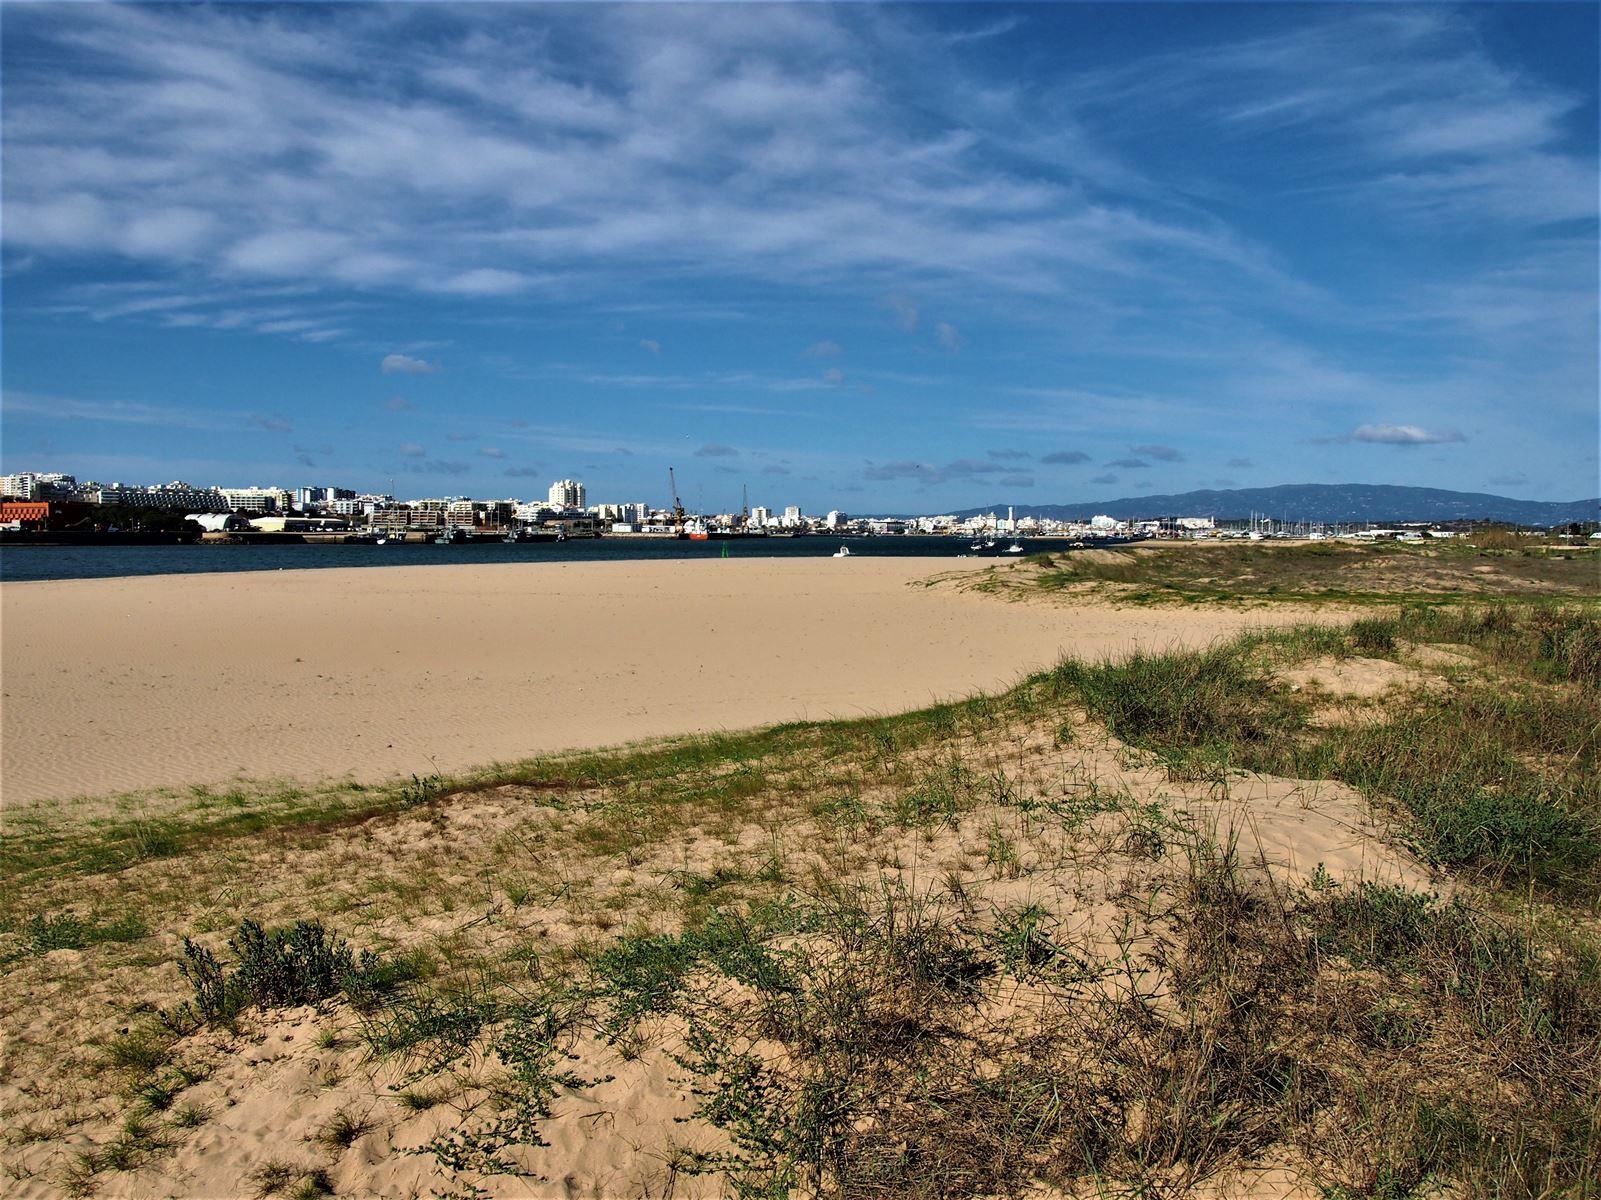 Praia da Angrinha, Ferragudo, Algarve